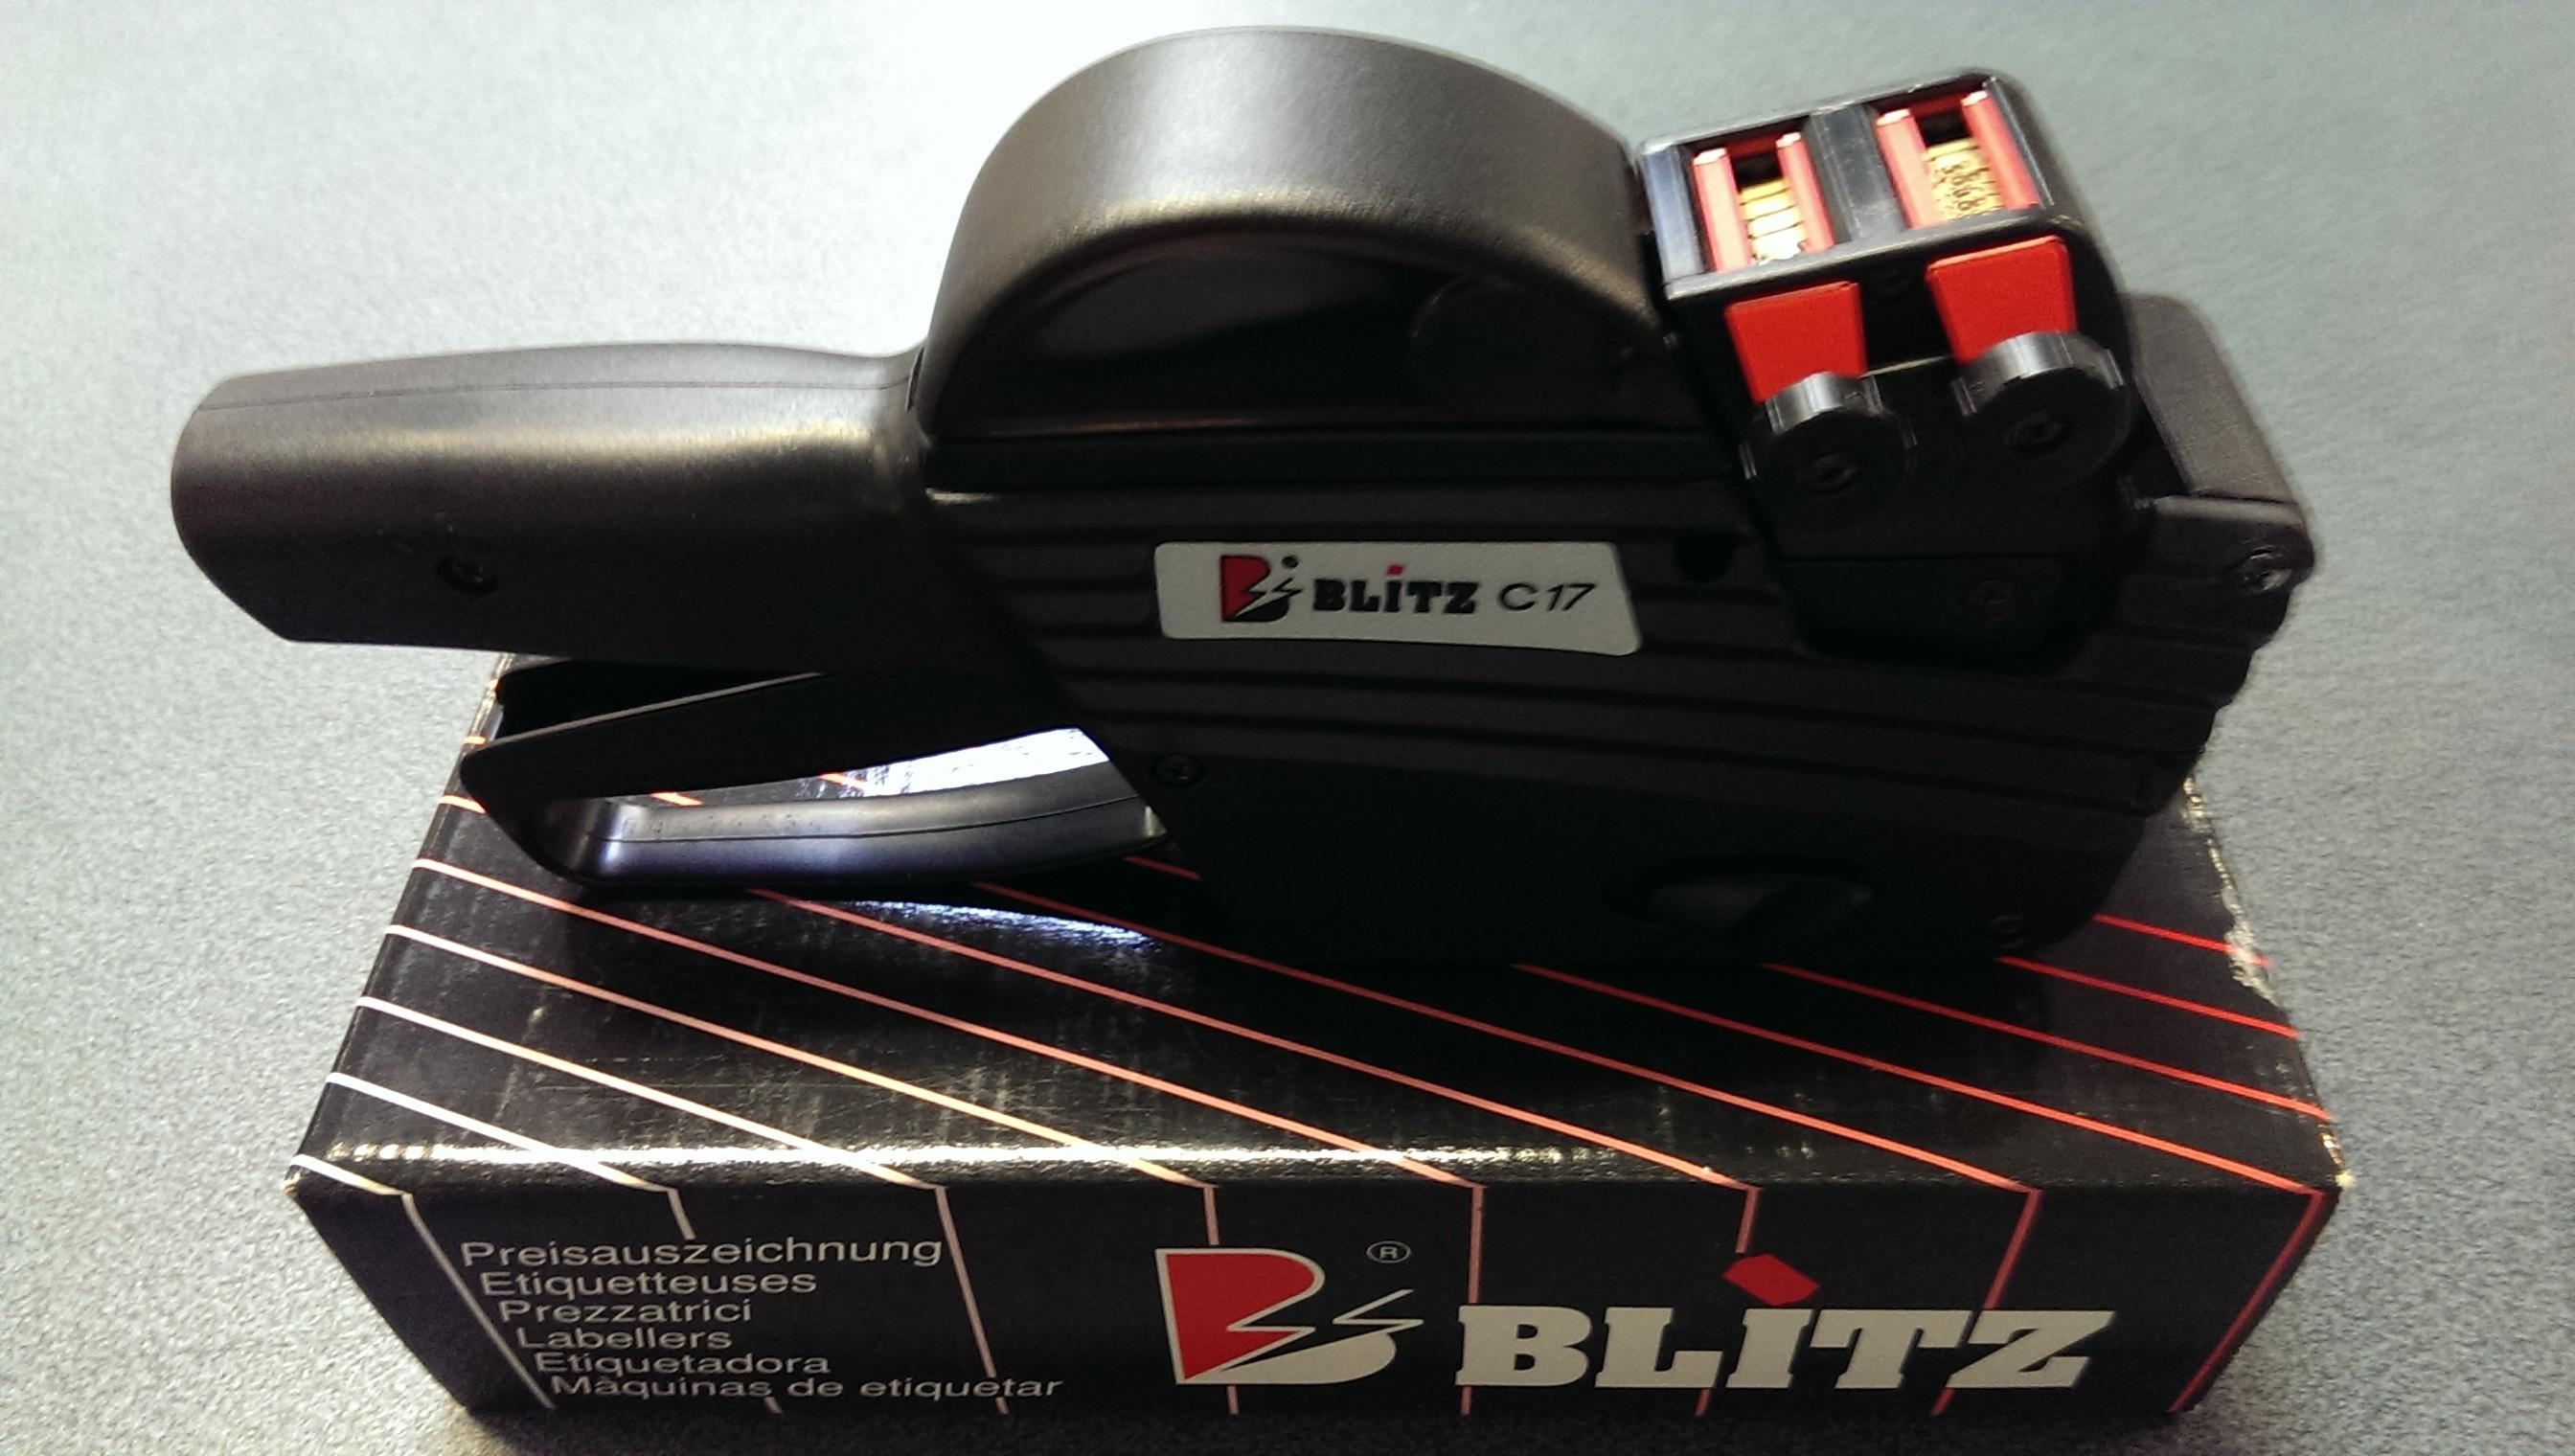 Blitz C17 prijstang